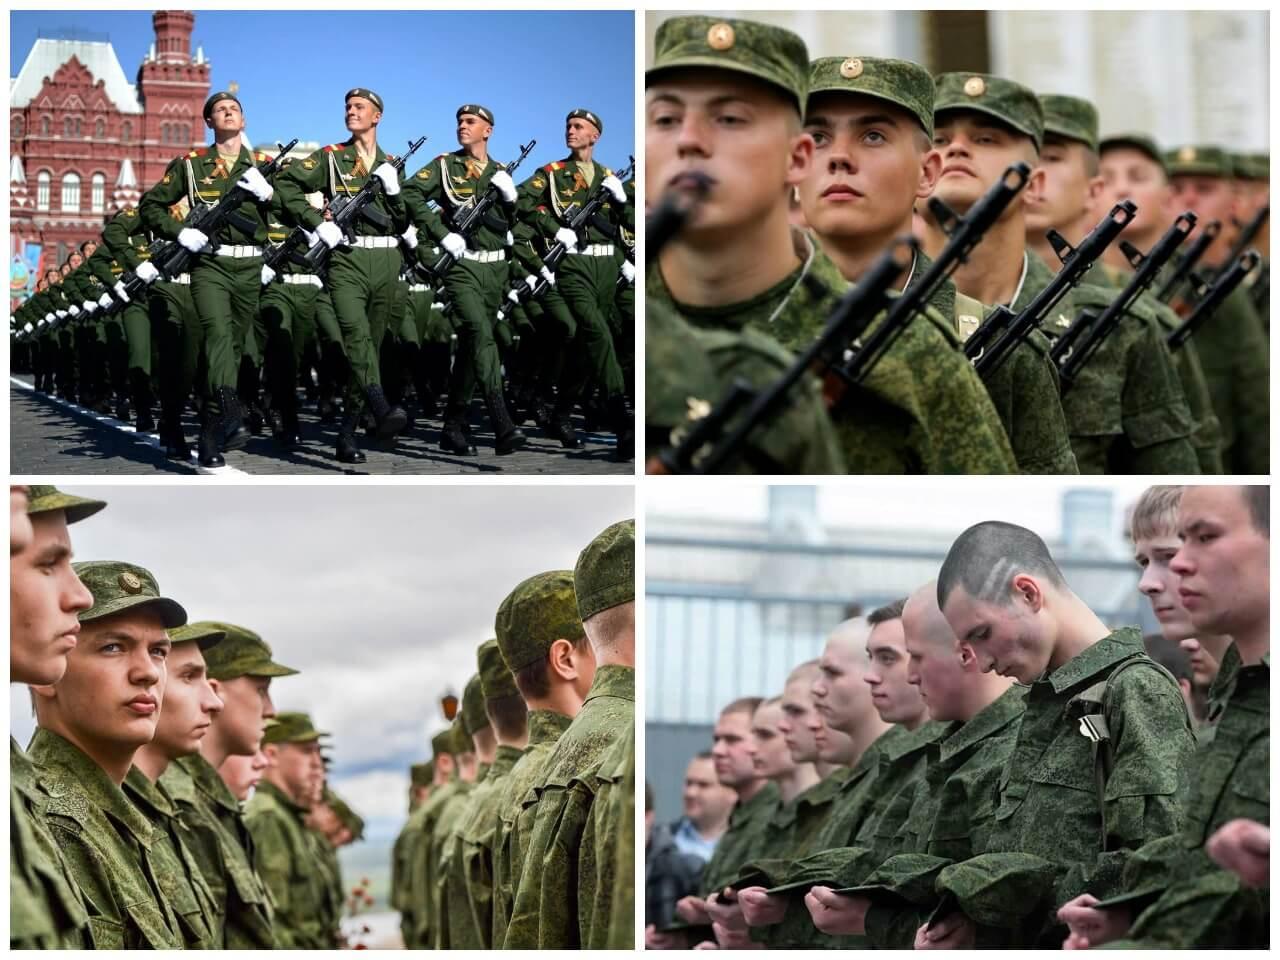 На фото изображены солдаты (часть 1).